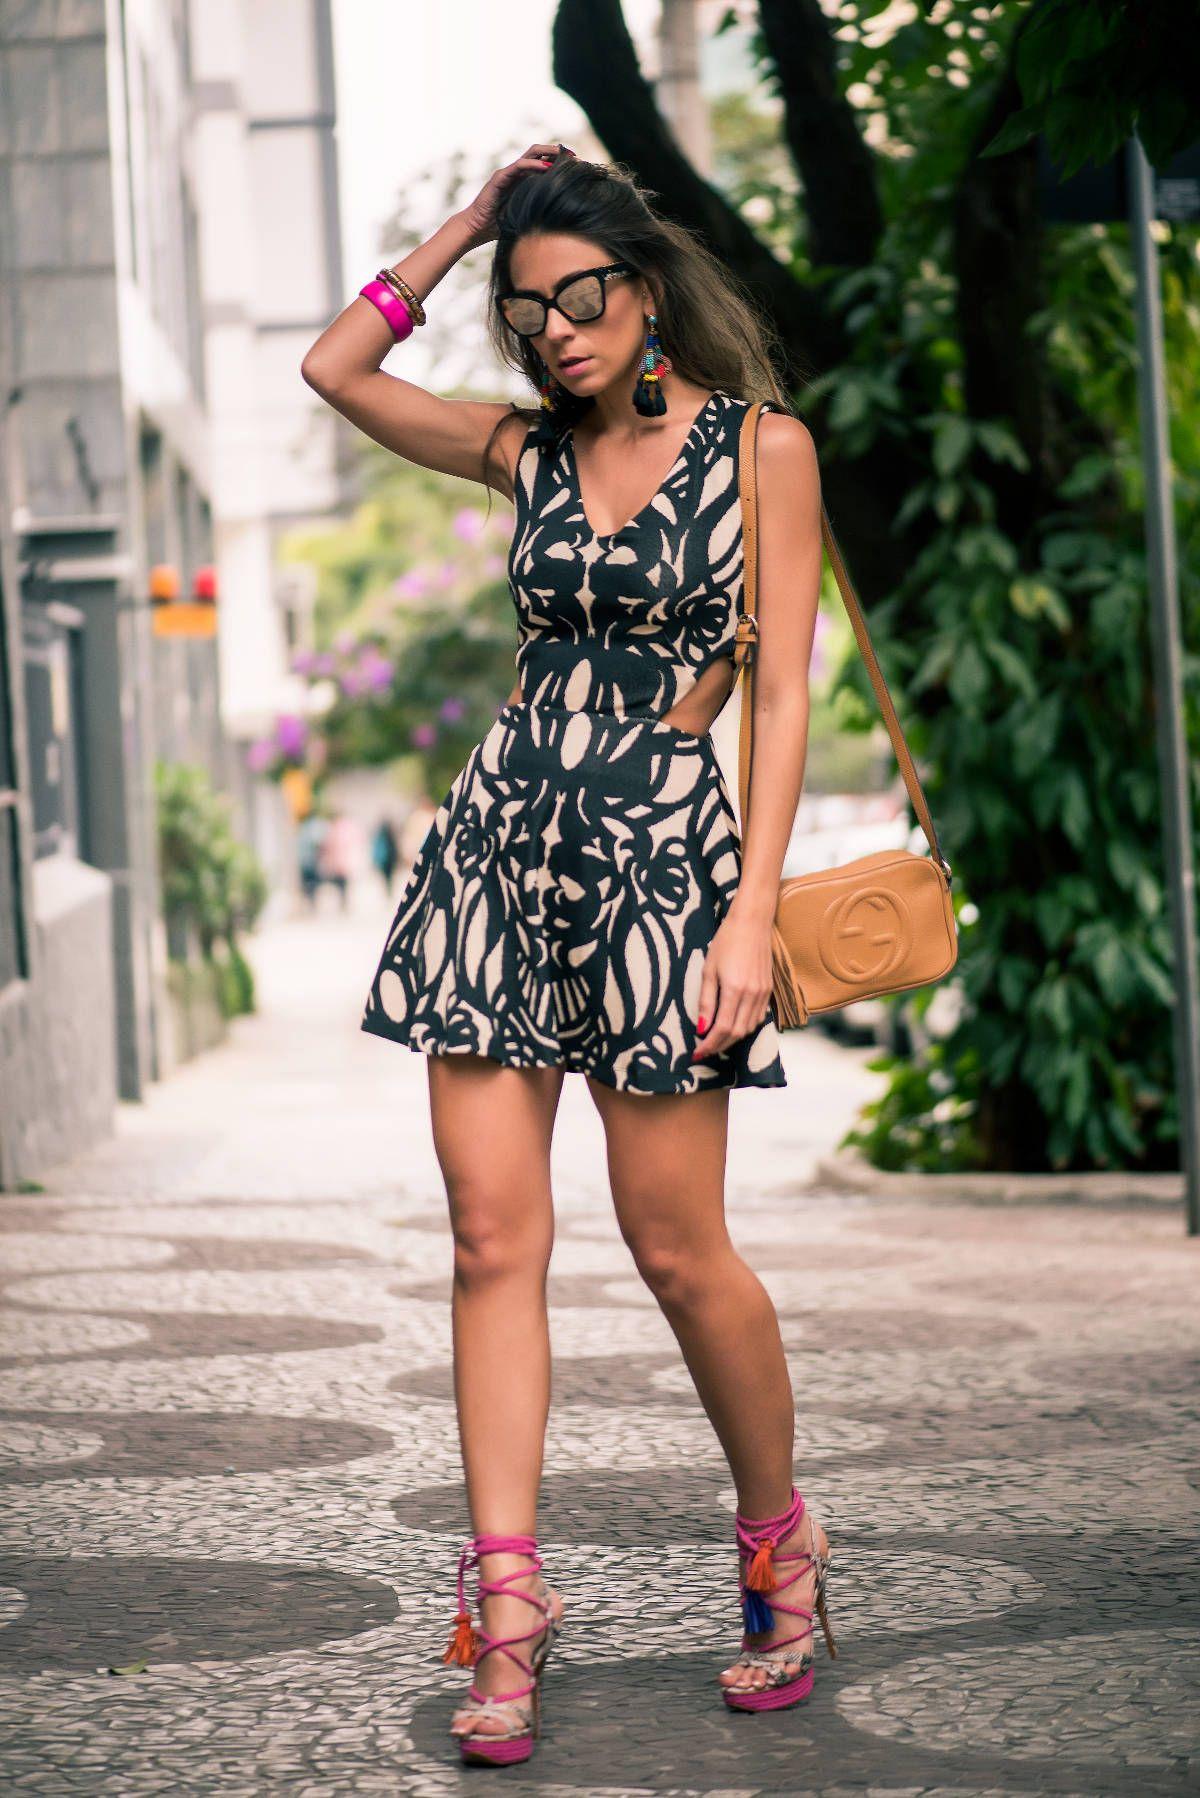 Isabella Paes Verão 2016 Quem me segue no Instagram (segue lá @decoresaltoalto) sabe que na semana passada estive em Belo Horizonte fotografando o verão 2016 da Isabella Paes.. Embora eu já conhecesse um pouquinho da marca pela internet, ainda não havia tido... #blogdemoda #isabellapaes #lookdodia